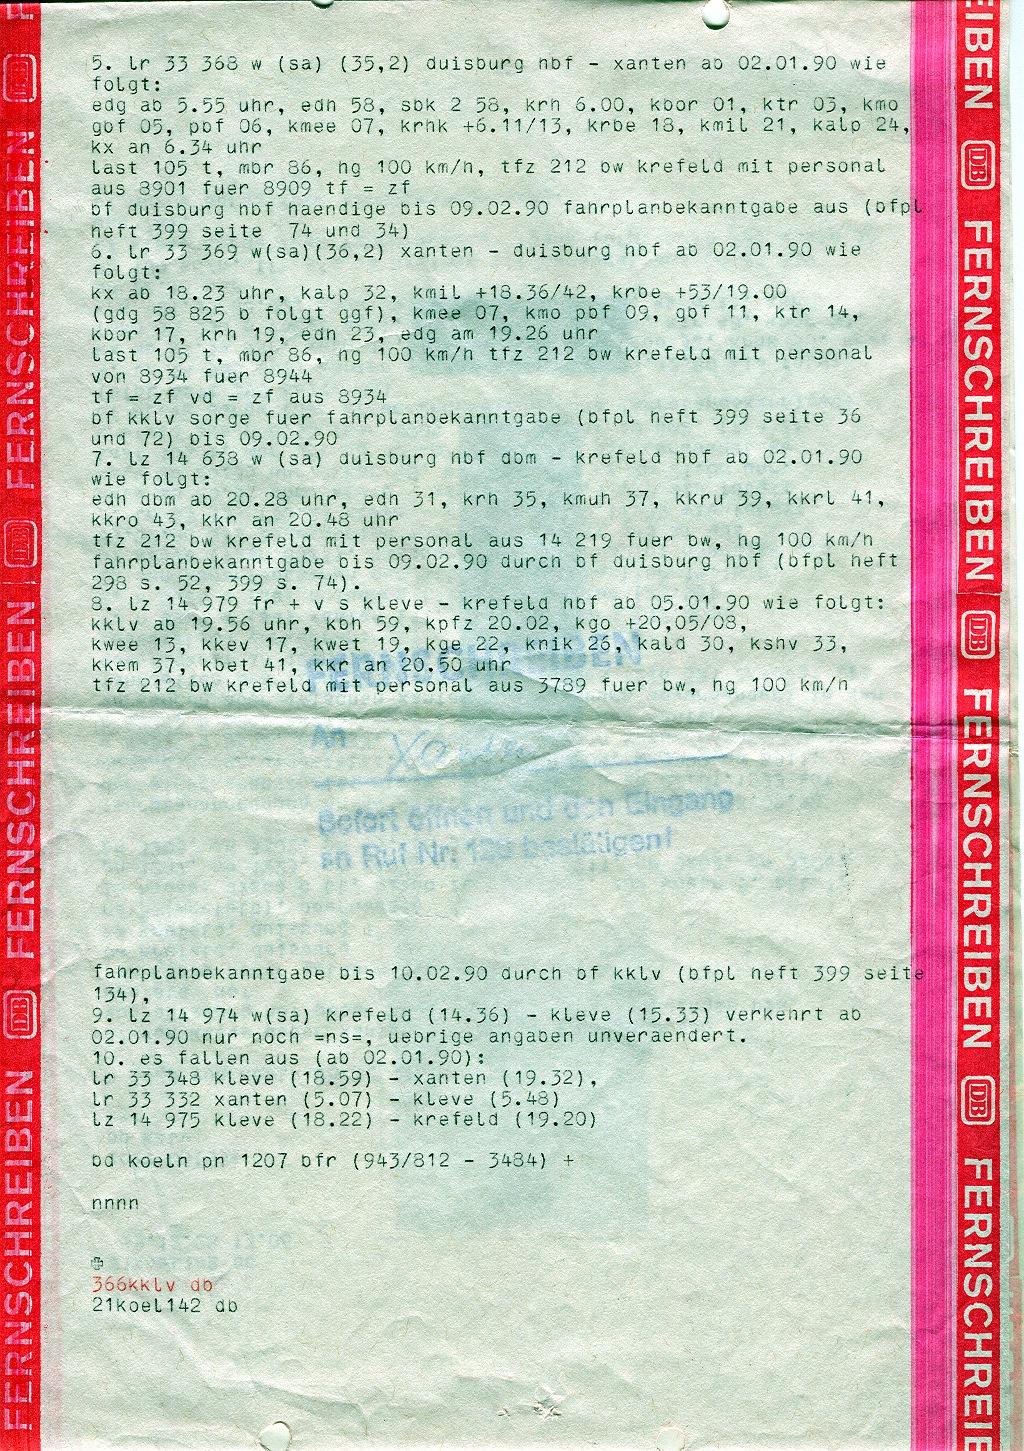 Fernschreiben zur Betriebseinstellung Xanten - Kleve 1989 - Seite 2